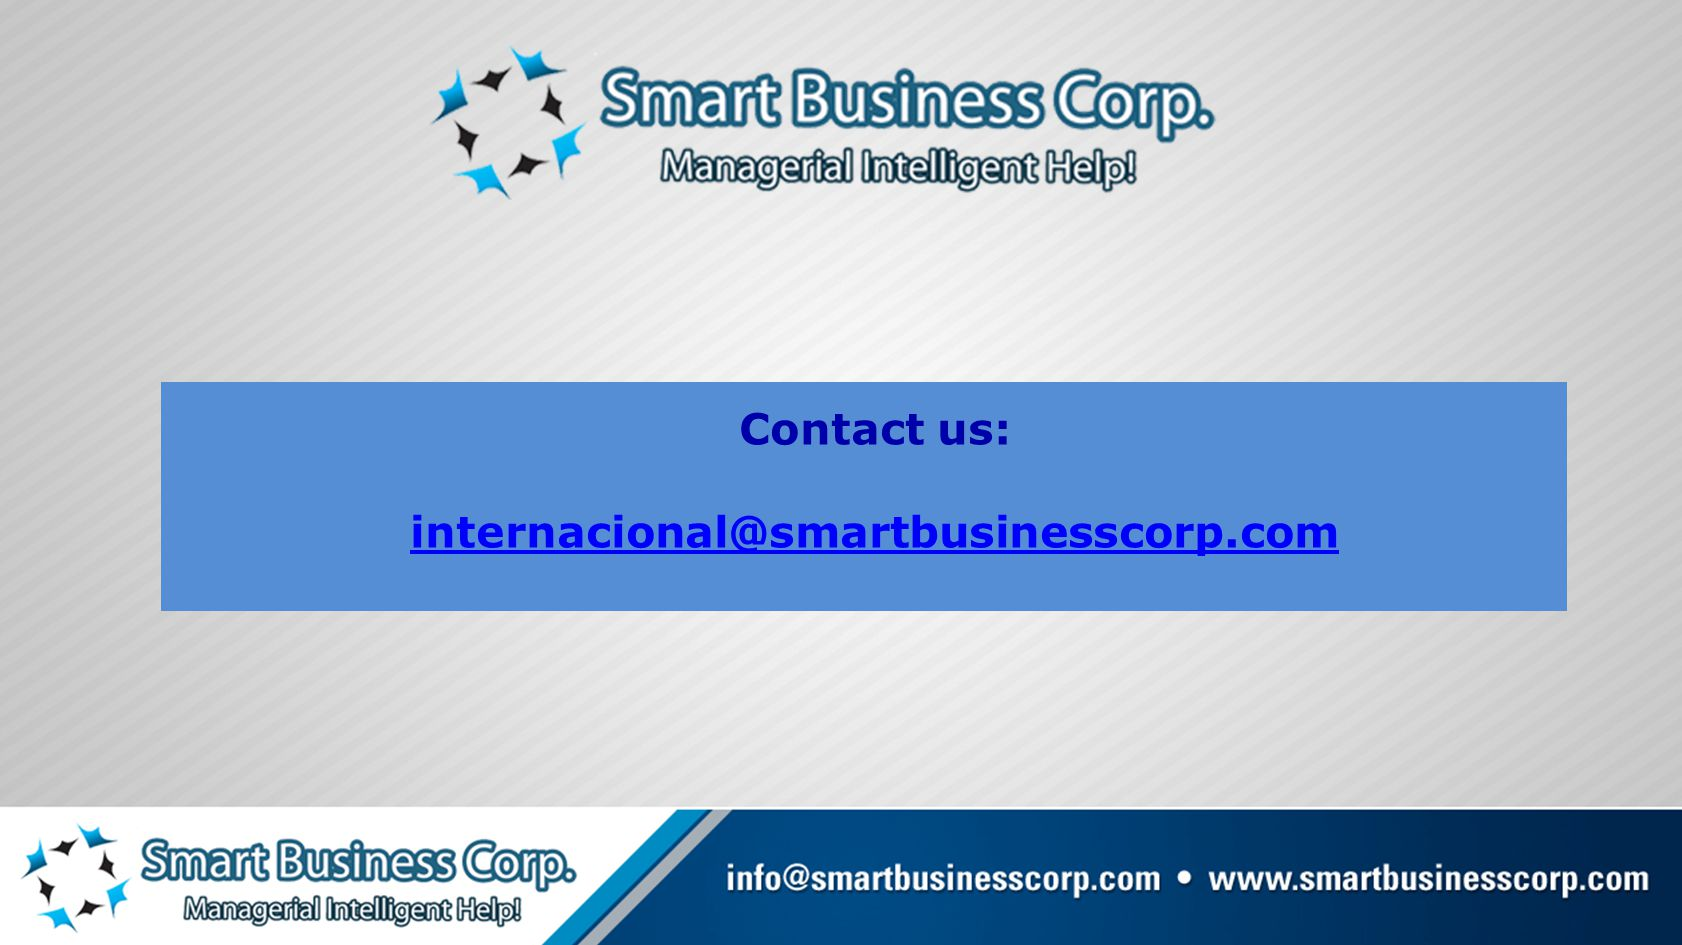 Contact us: internacional@smartbusinesscorp.com